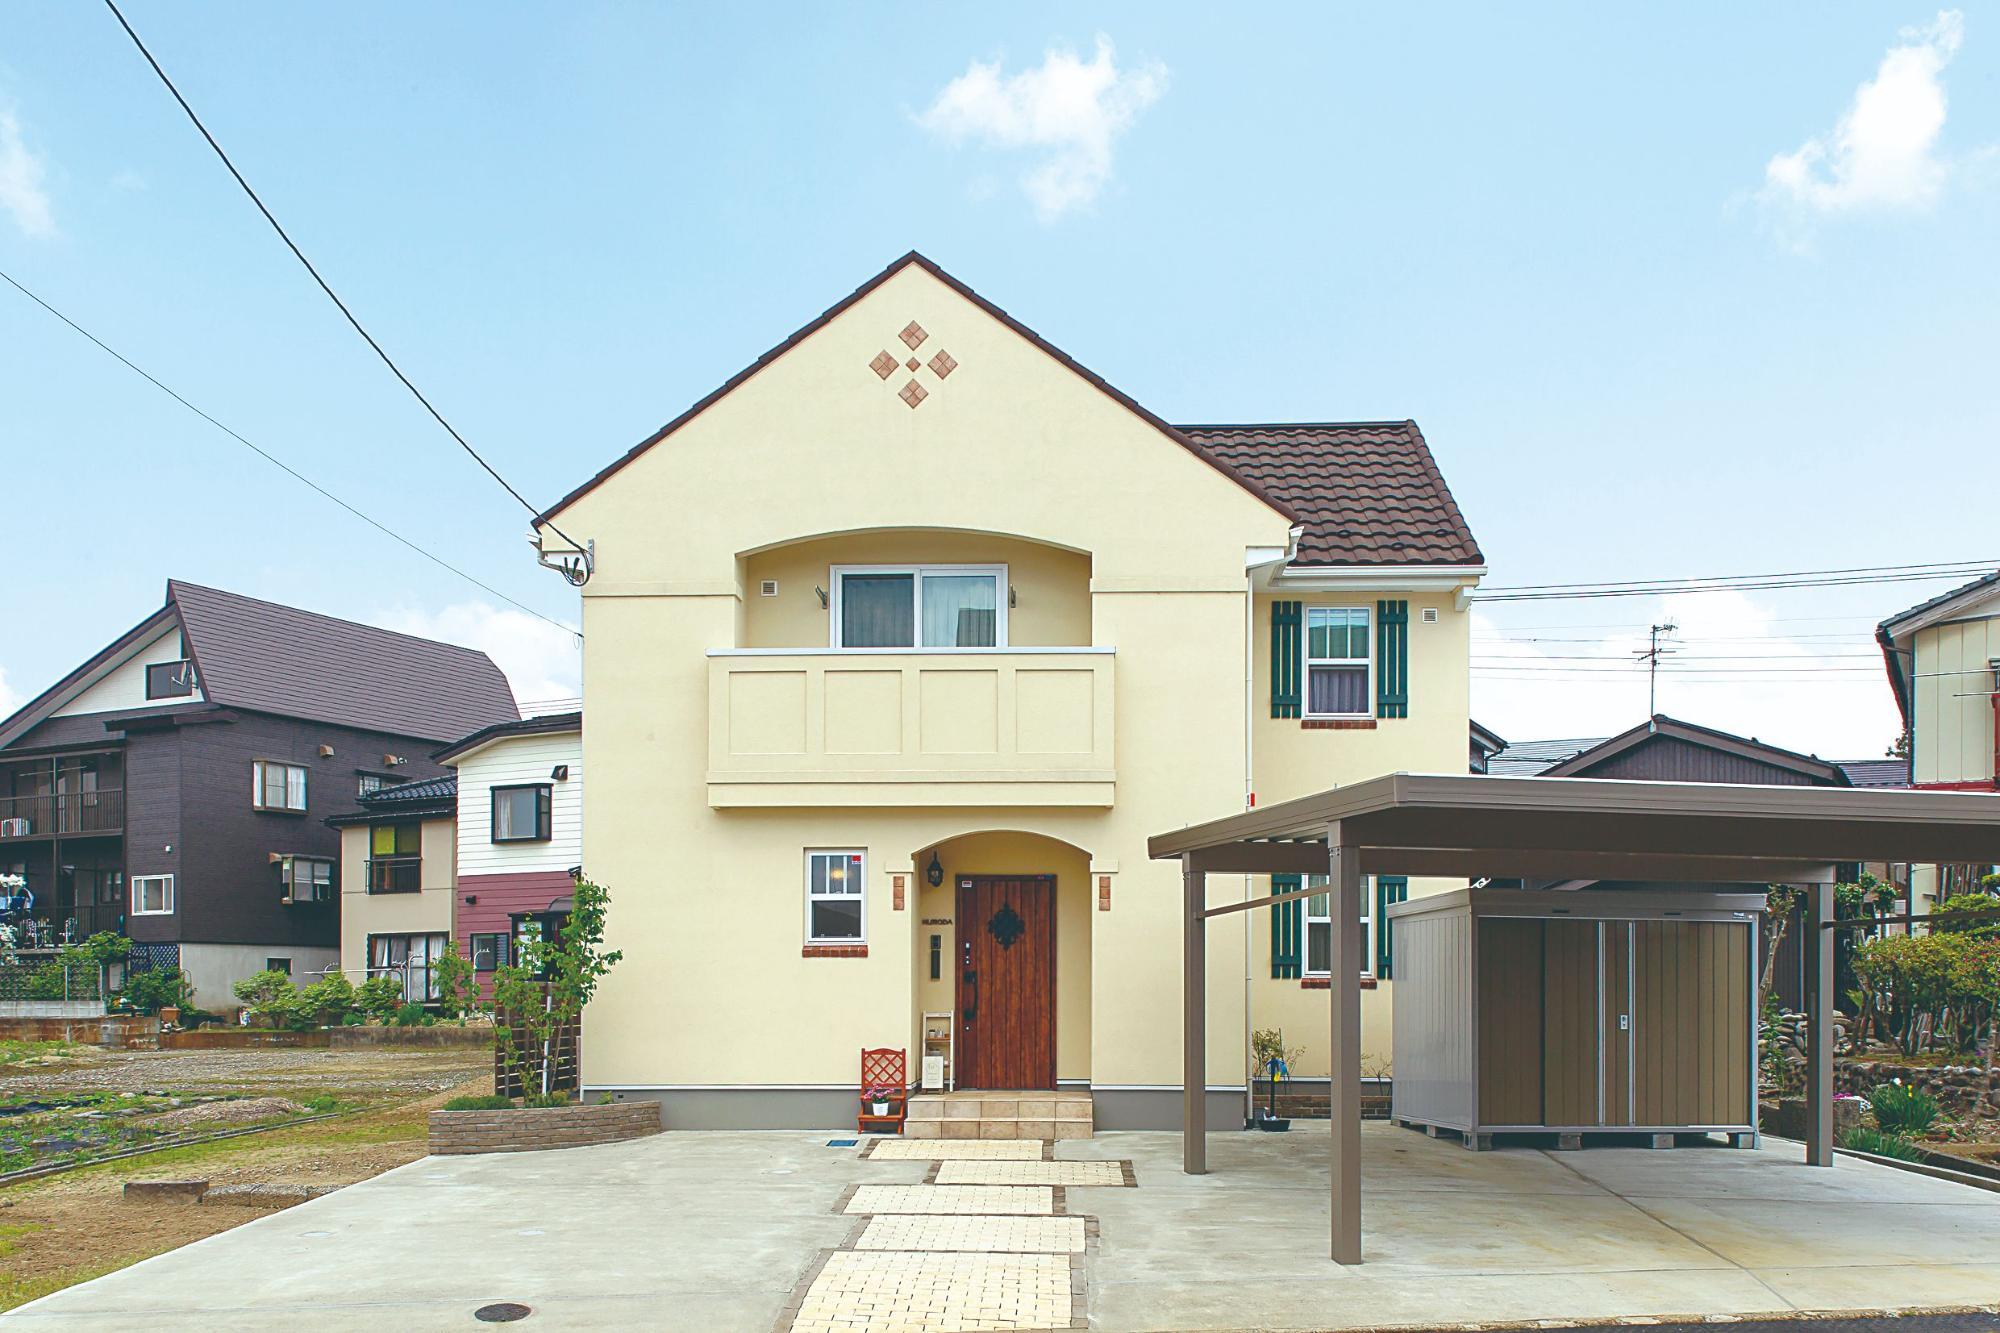 ナチュラルなカフェ風の家(株式会社エクセレントホーム:インターデコハウス新潟)